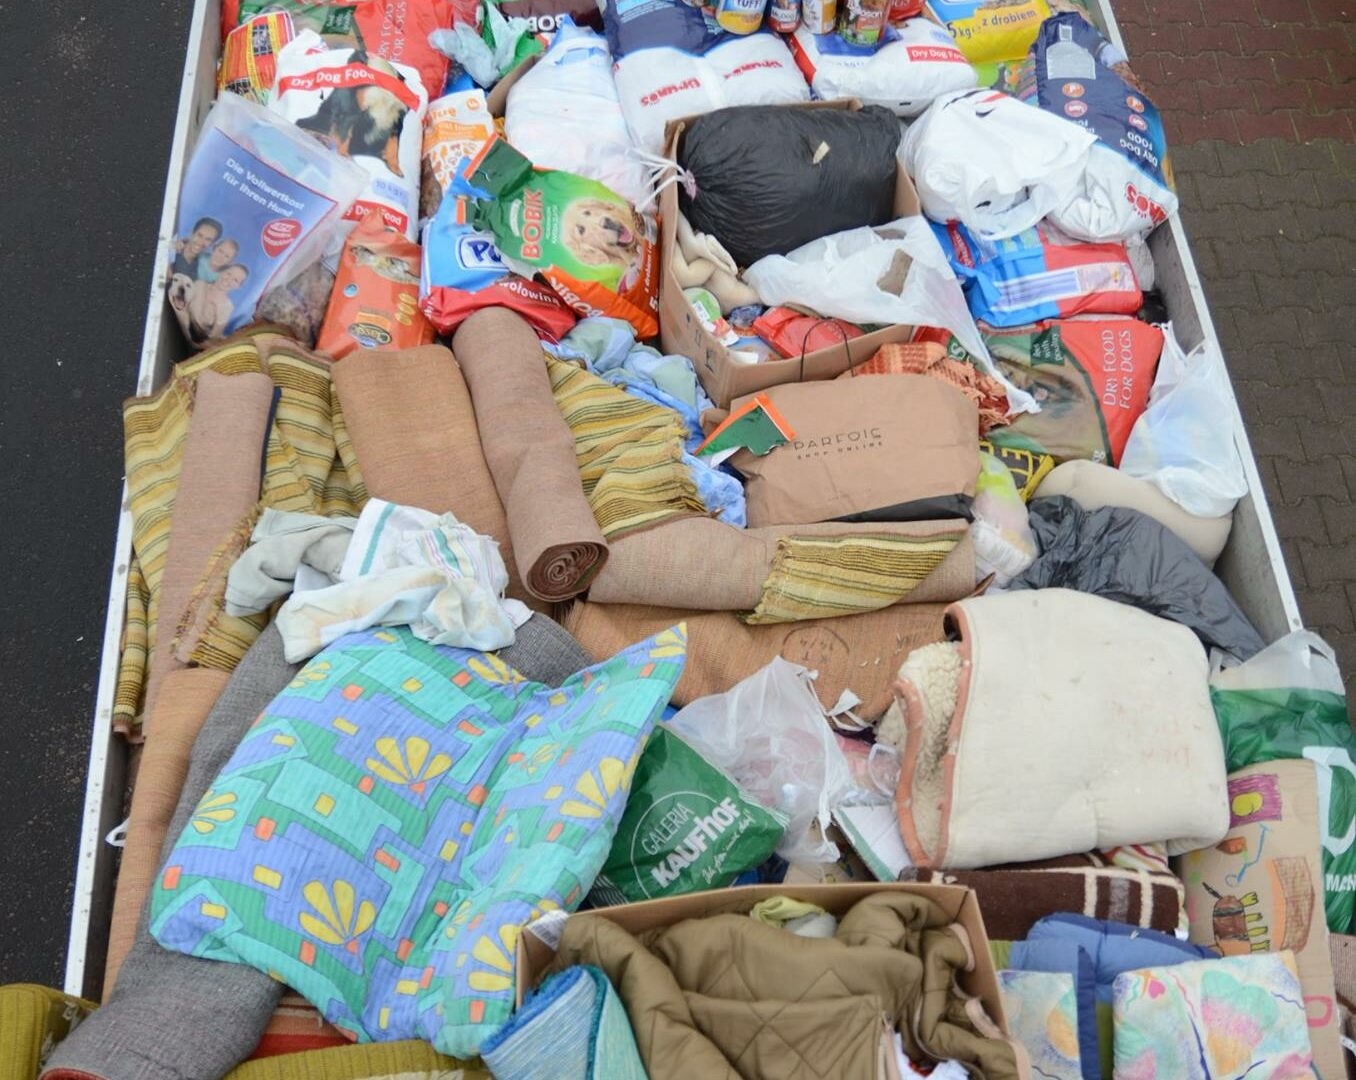 Zbiórka darów na rzecz Schroniska dla Bezdomnych Zwierząt w Krotoszynie - dziękujemy